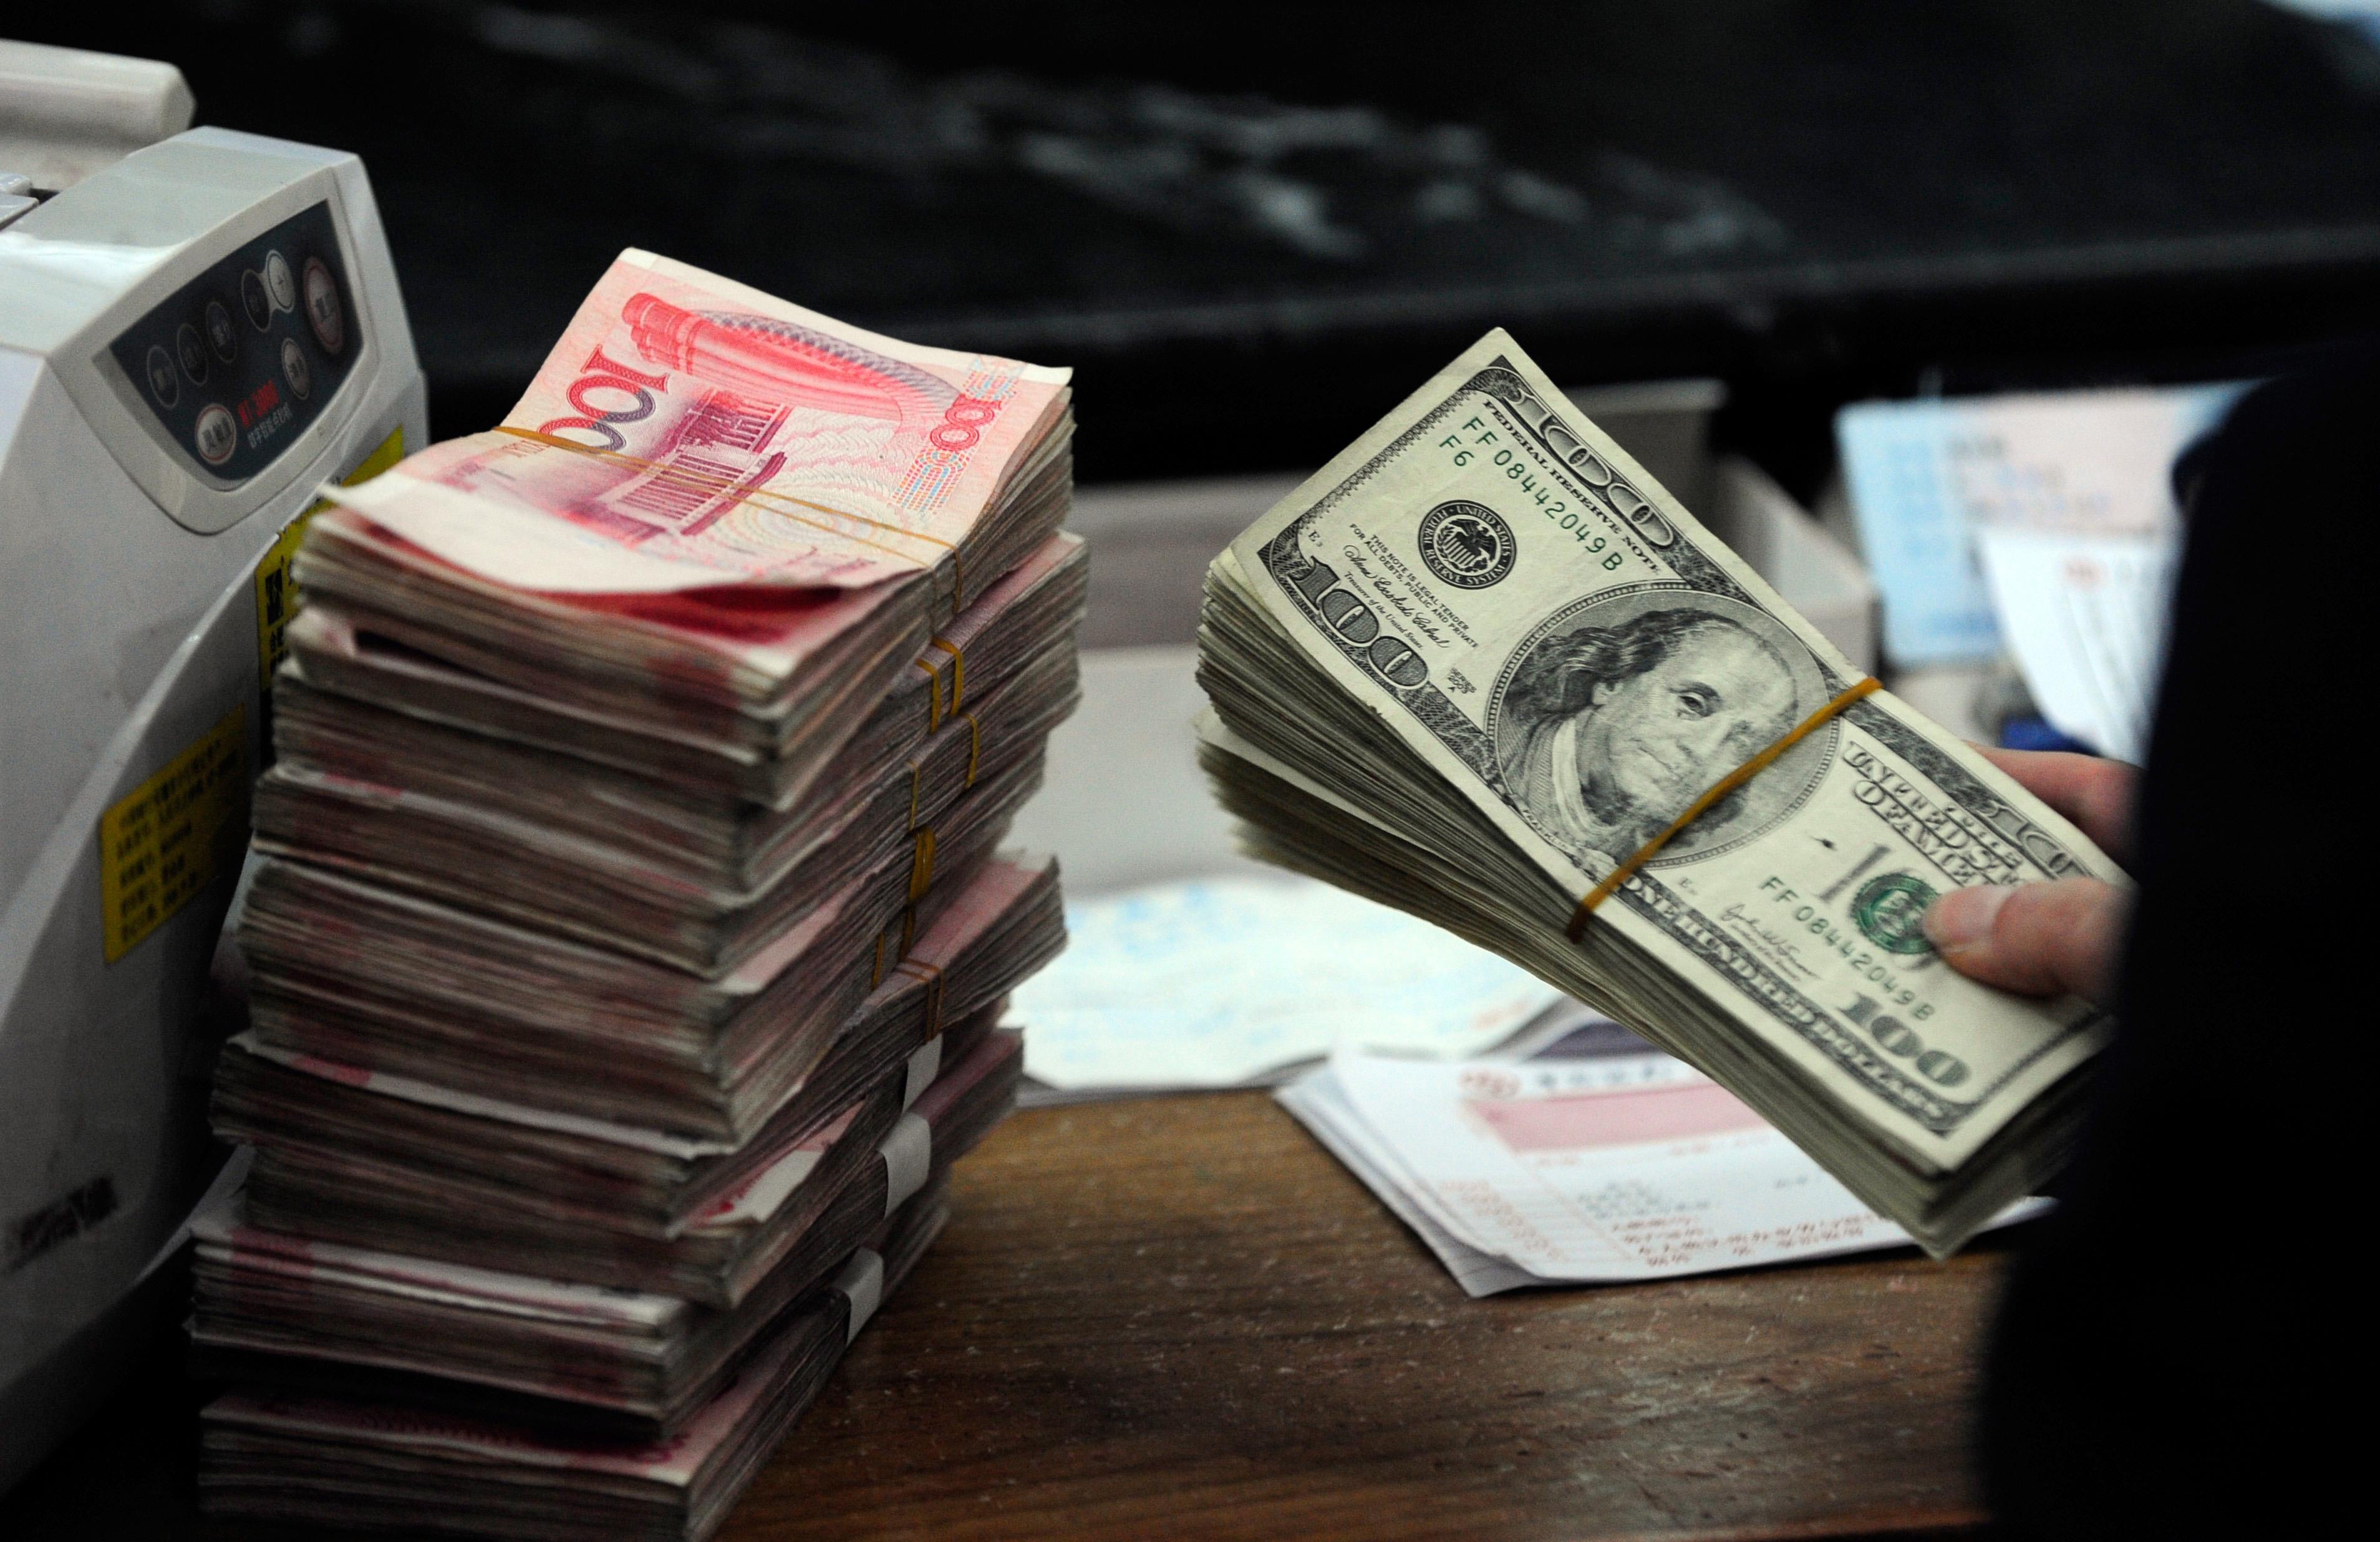 業界:中美簽署貿易協議 人民幣仍將走貶